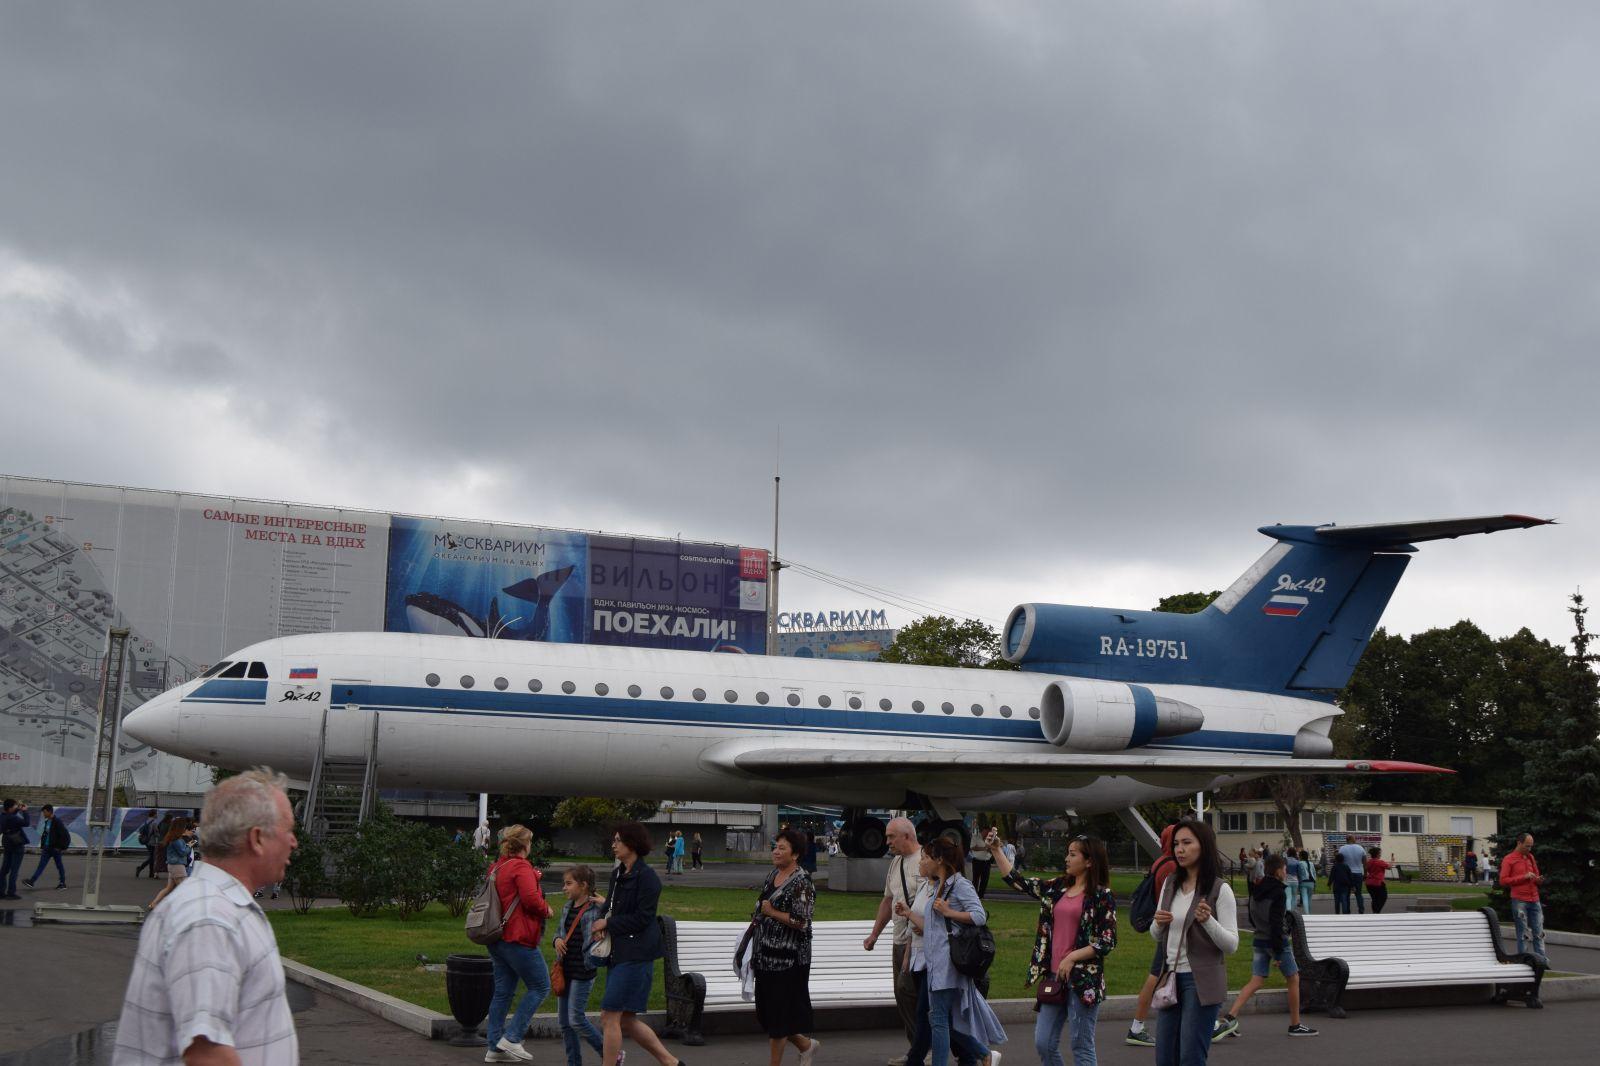 ДИРЕКТНО ОТ МЯСТОТО НА СЪБИТИЕТО: Авиация и космонавтика в нов музей във ВДНХ в Москва